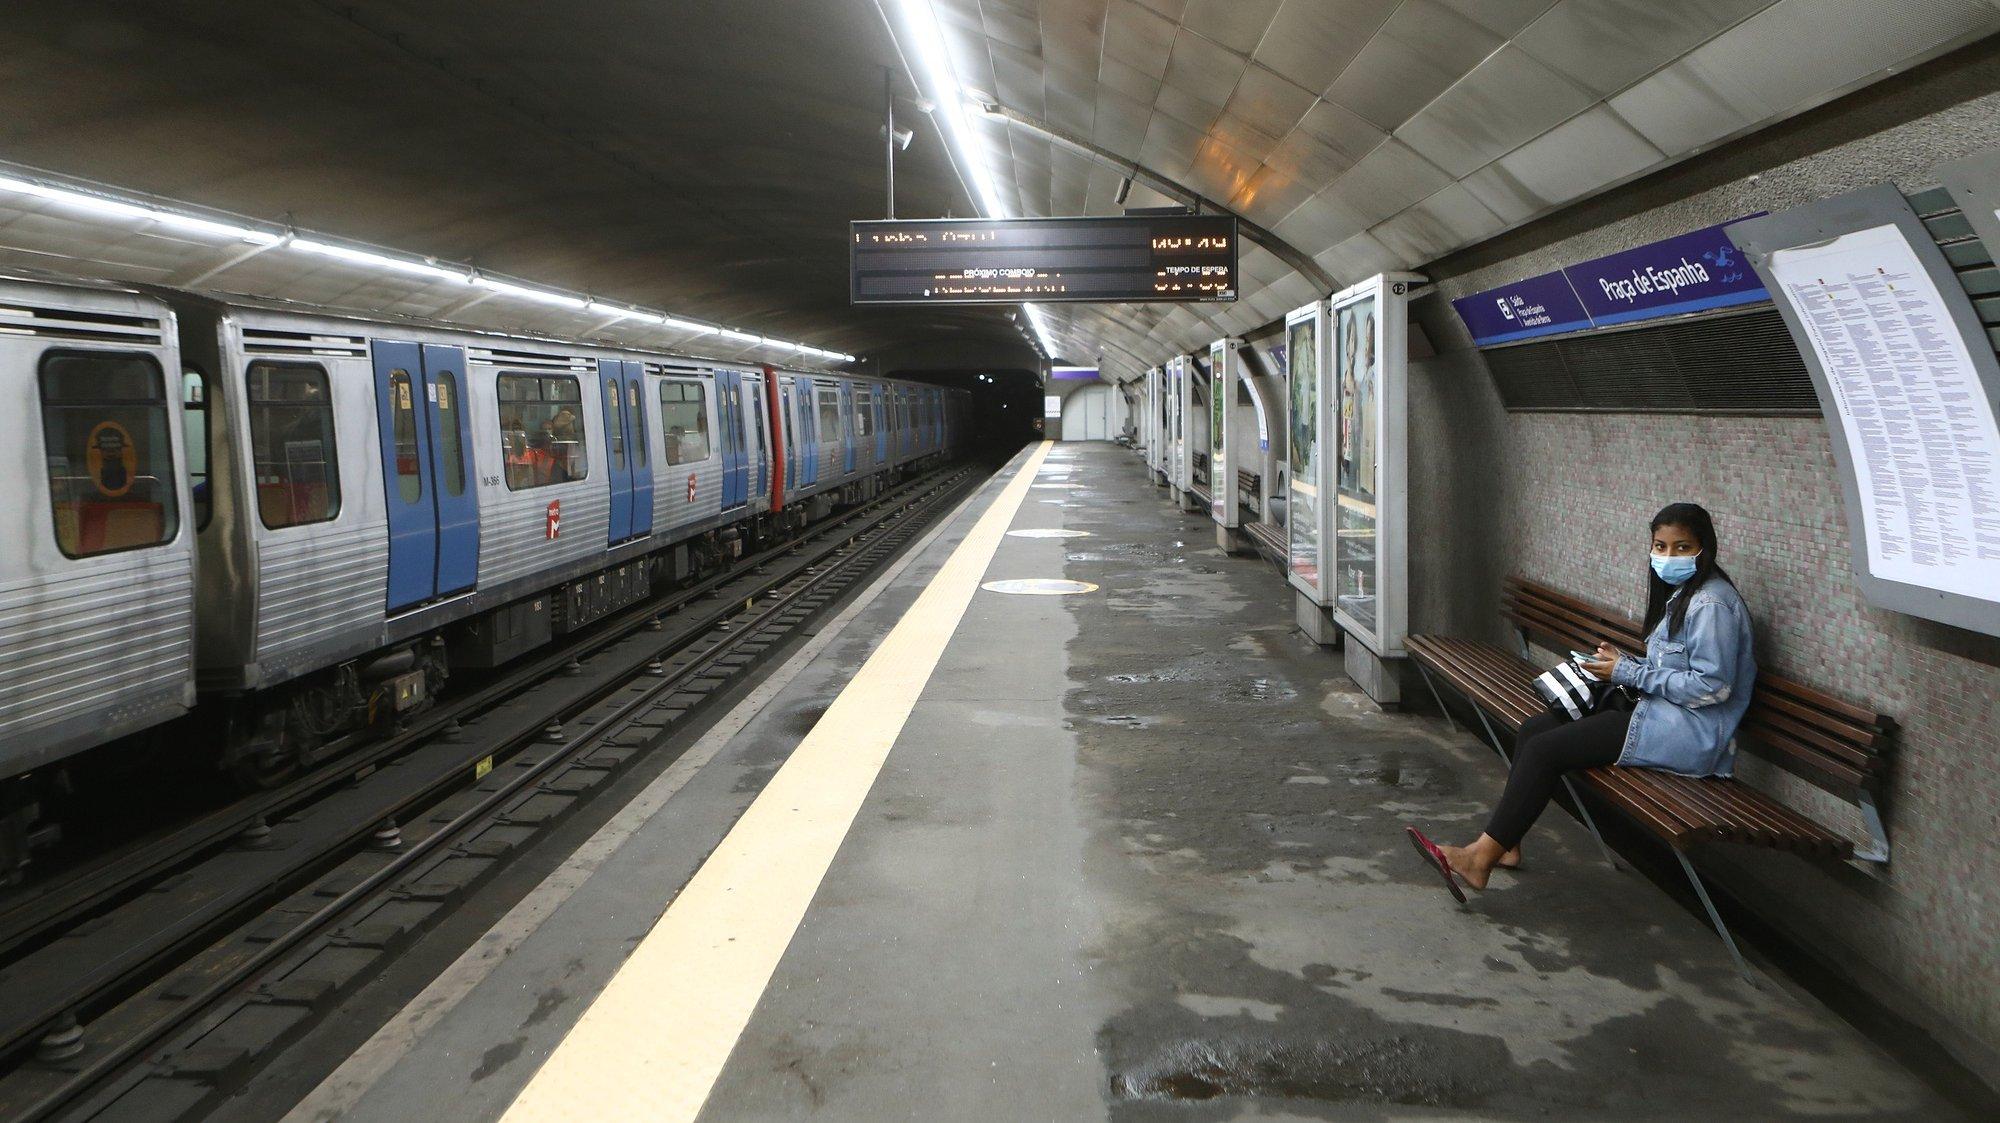 Uma utente do Metro de Lisboa aguarda na estação da Praça de Espanha, reaberta desde as 23h de ontem, após um desabamento na estação no dia 29 de setembro, que afetou a circulação na Linha Azul, em Lisboa, 02 de outubro de 2020. ANTÓNIO PEDRO SANTOS/LUSA